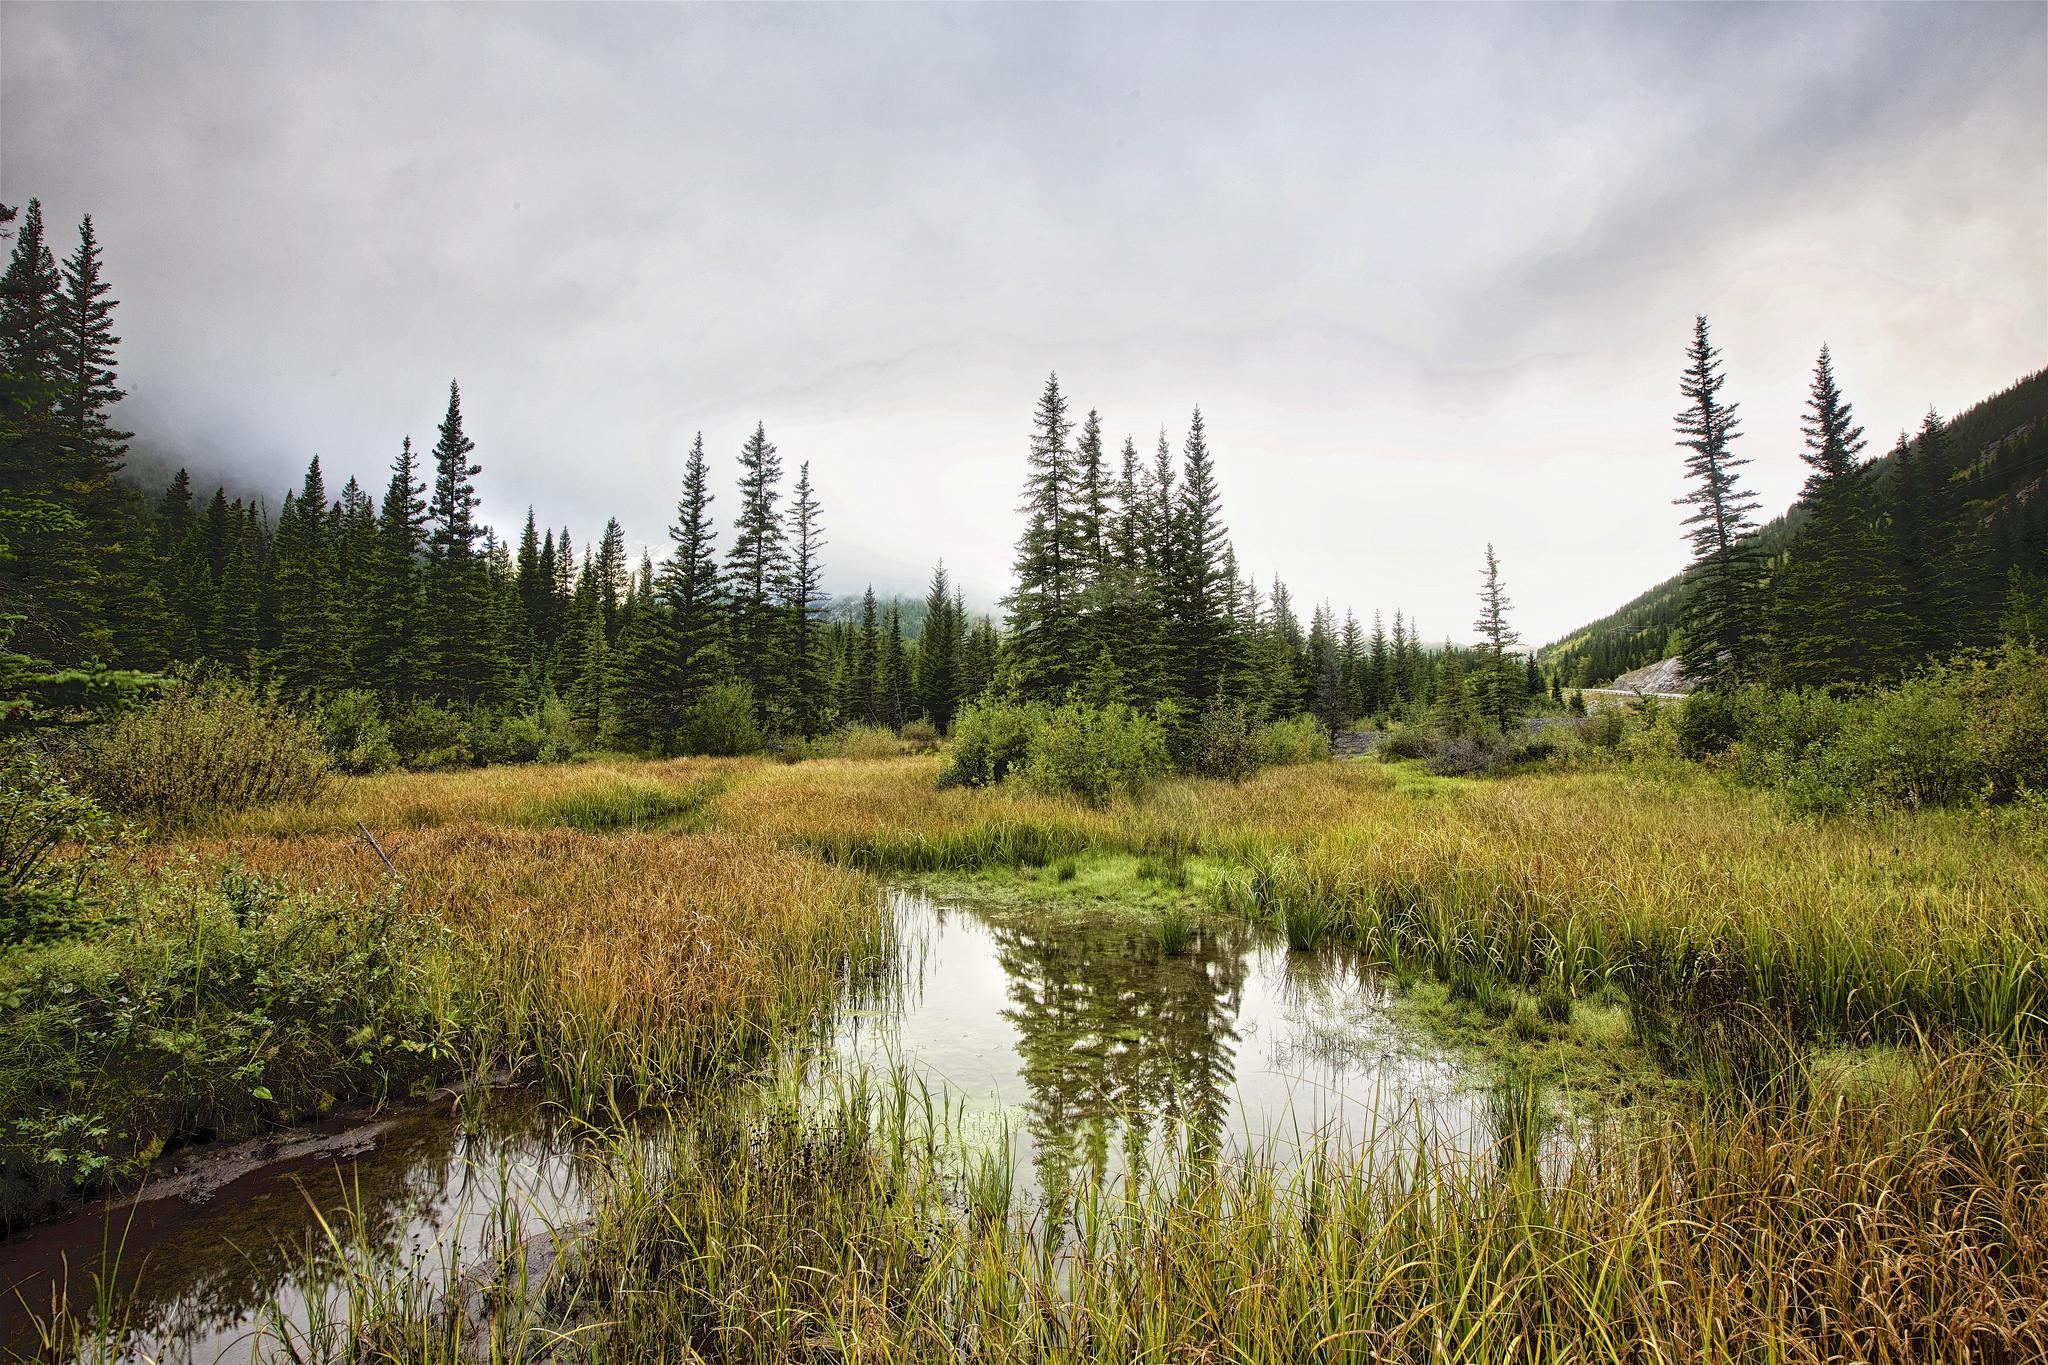 обои Kananaskis Country, Alberta, Canada, водоём картинки фото